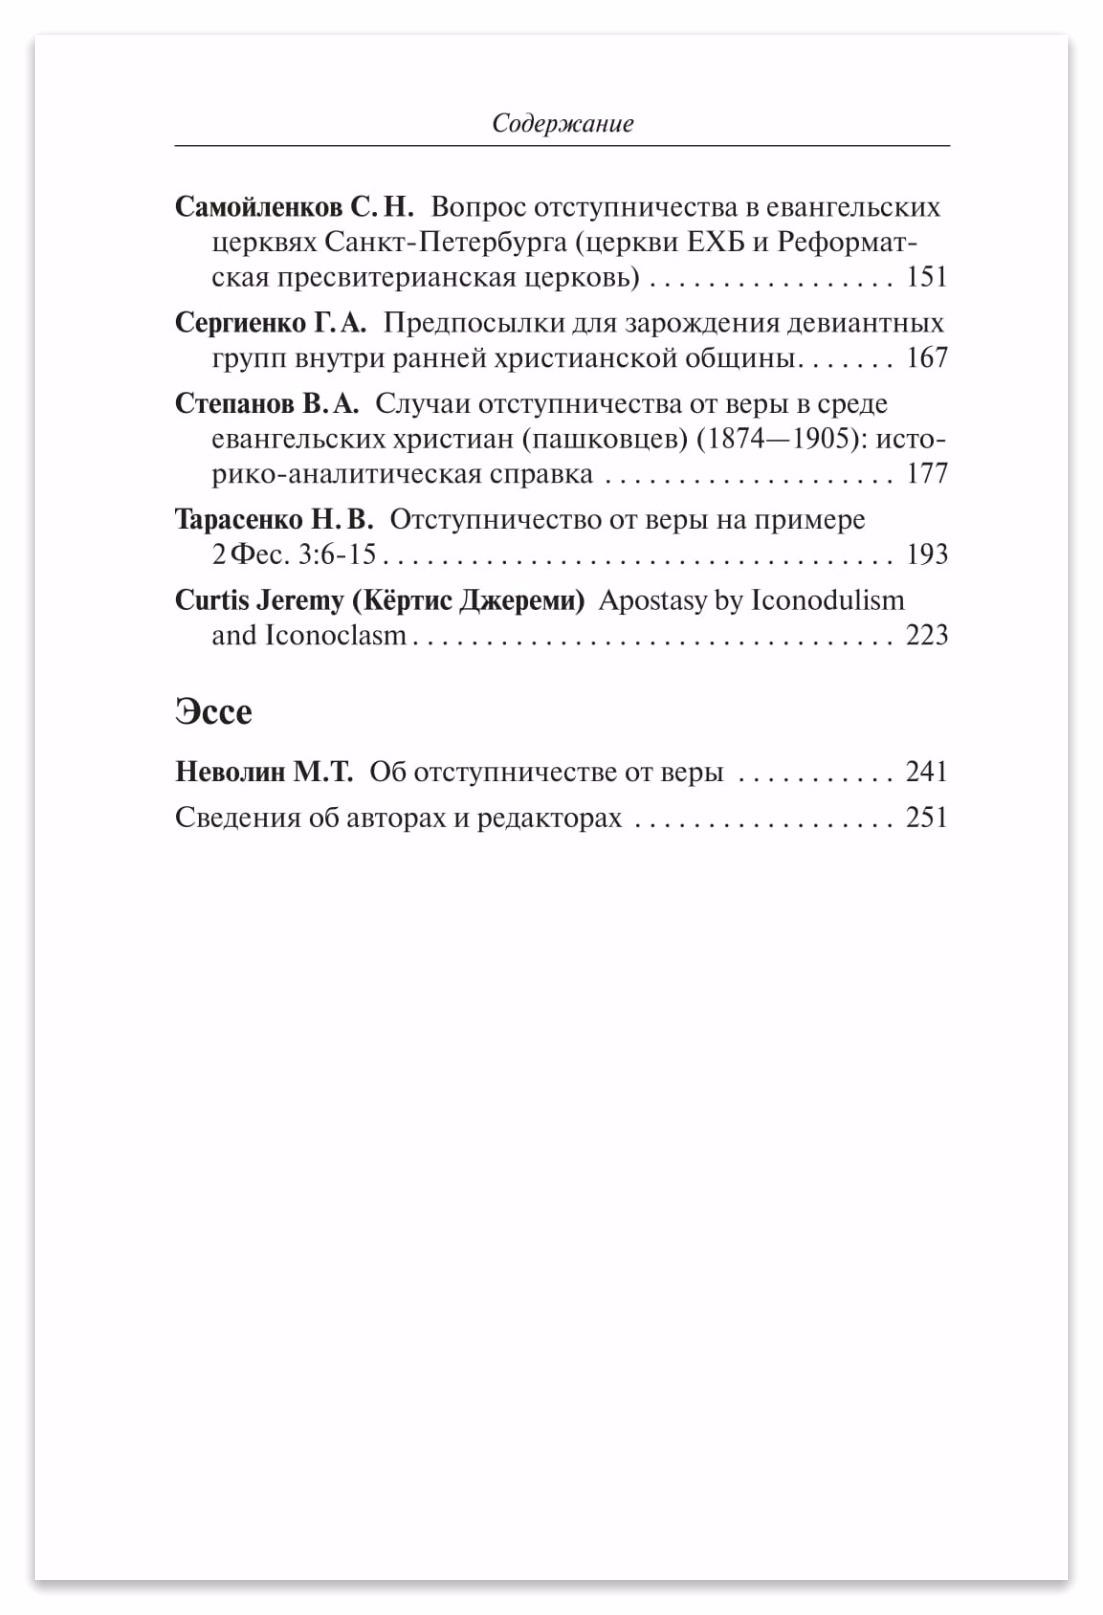 Труды СПбХУ 9 Содержание стр 4